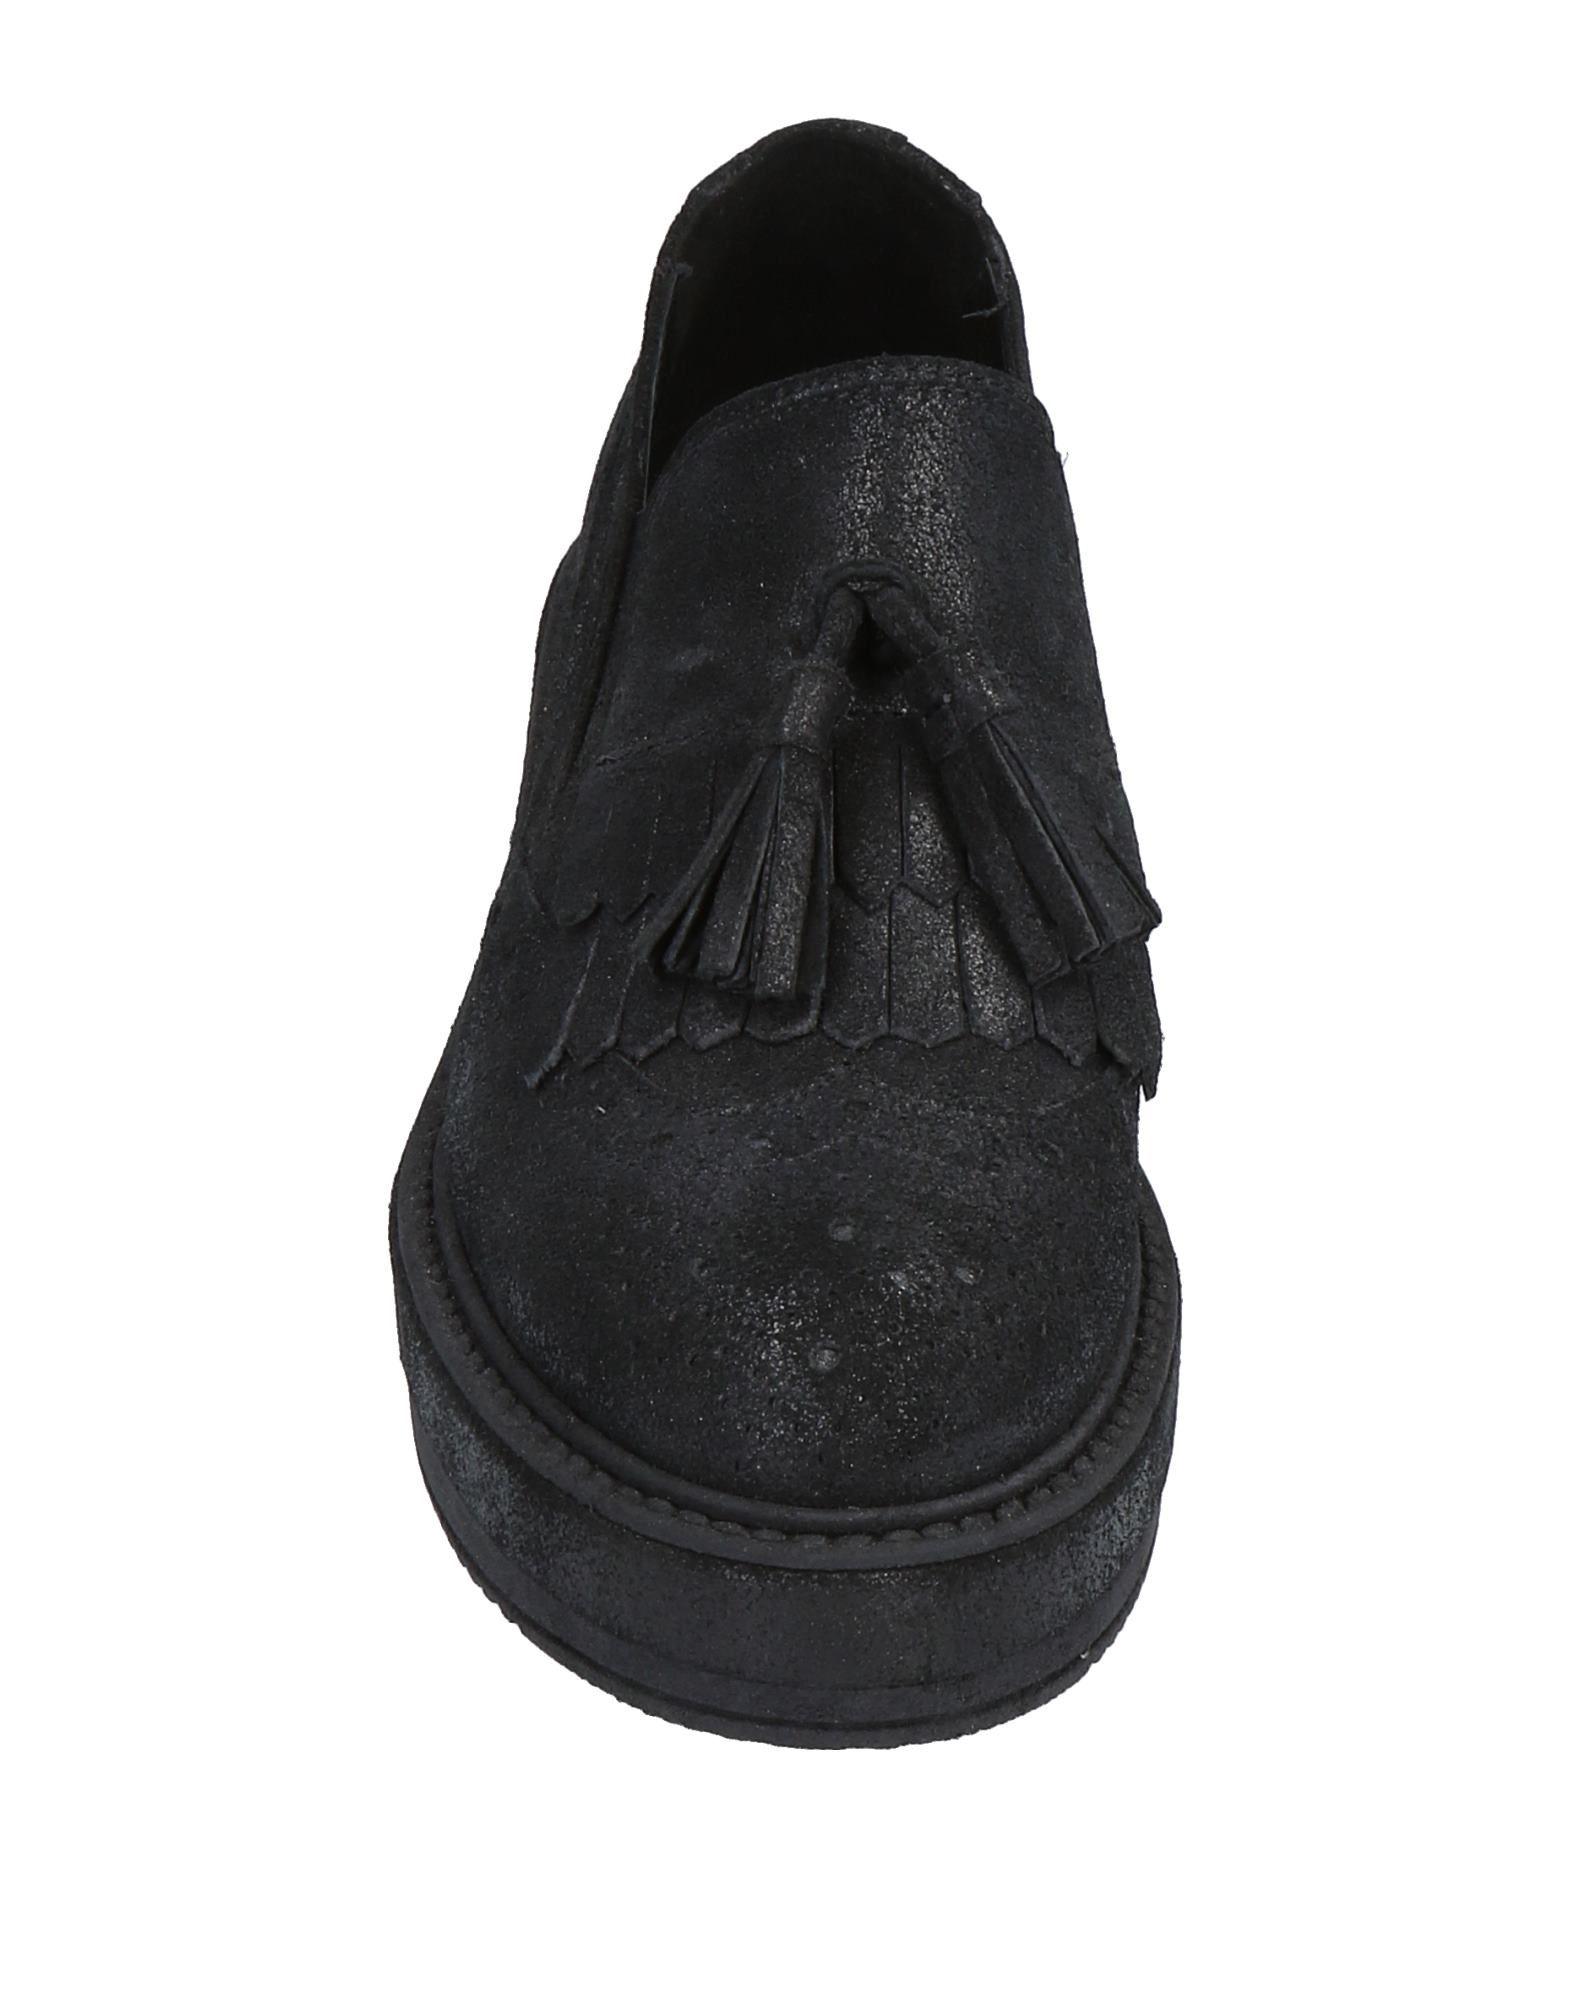 Peperosa 11473237DT Mokassins Damen  11473237DT Peperosa Gute Qualität beliebte Schuhe ec67b6